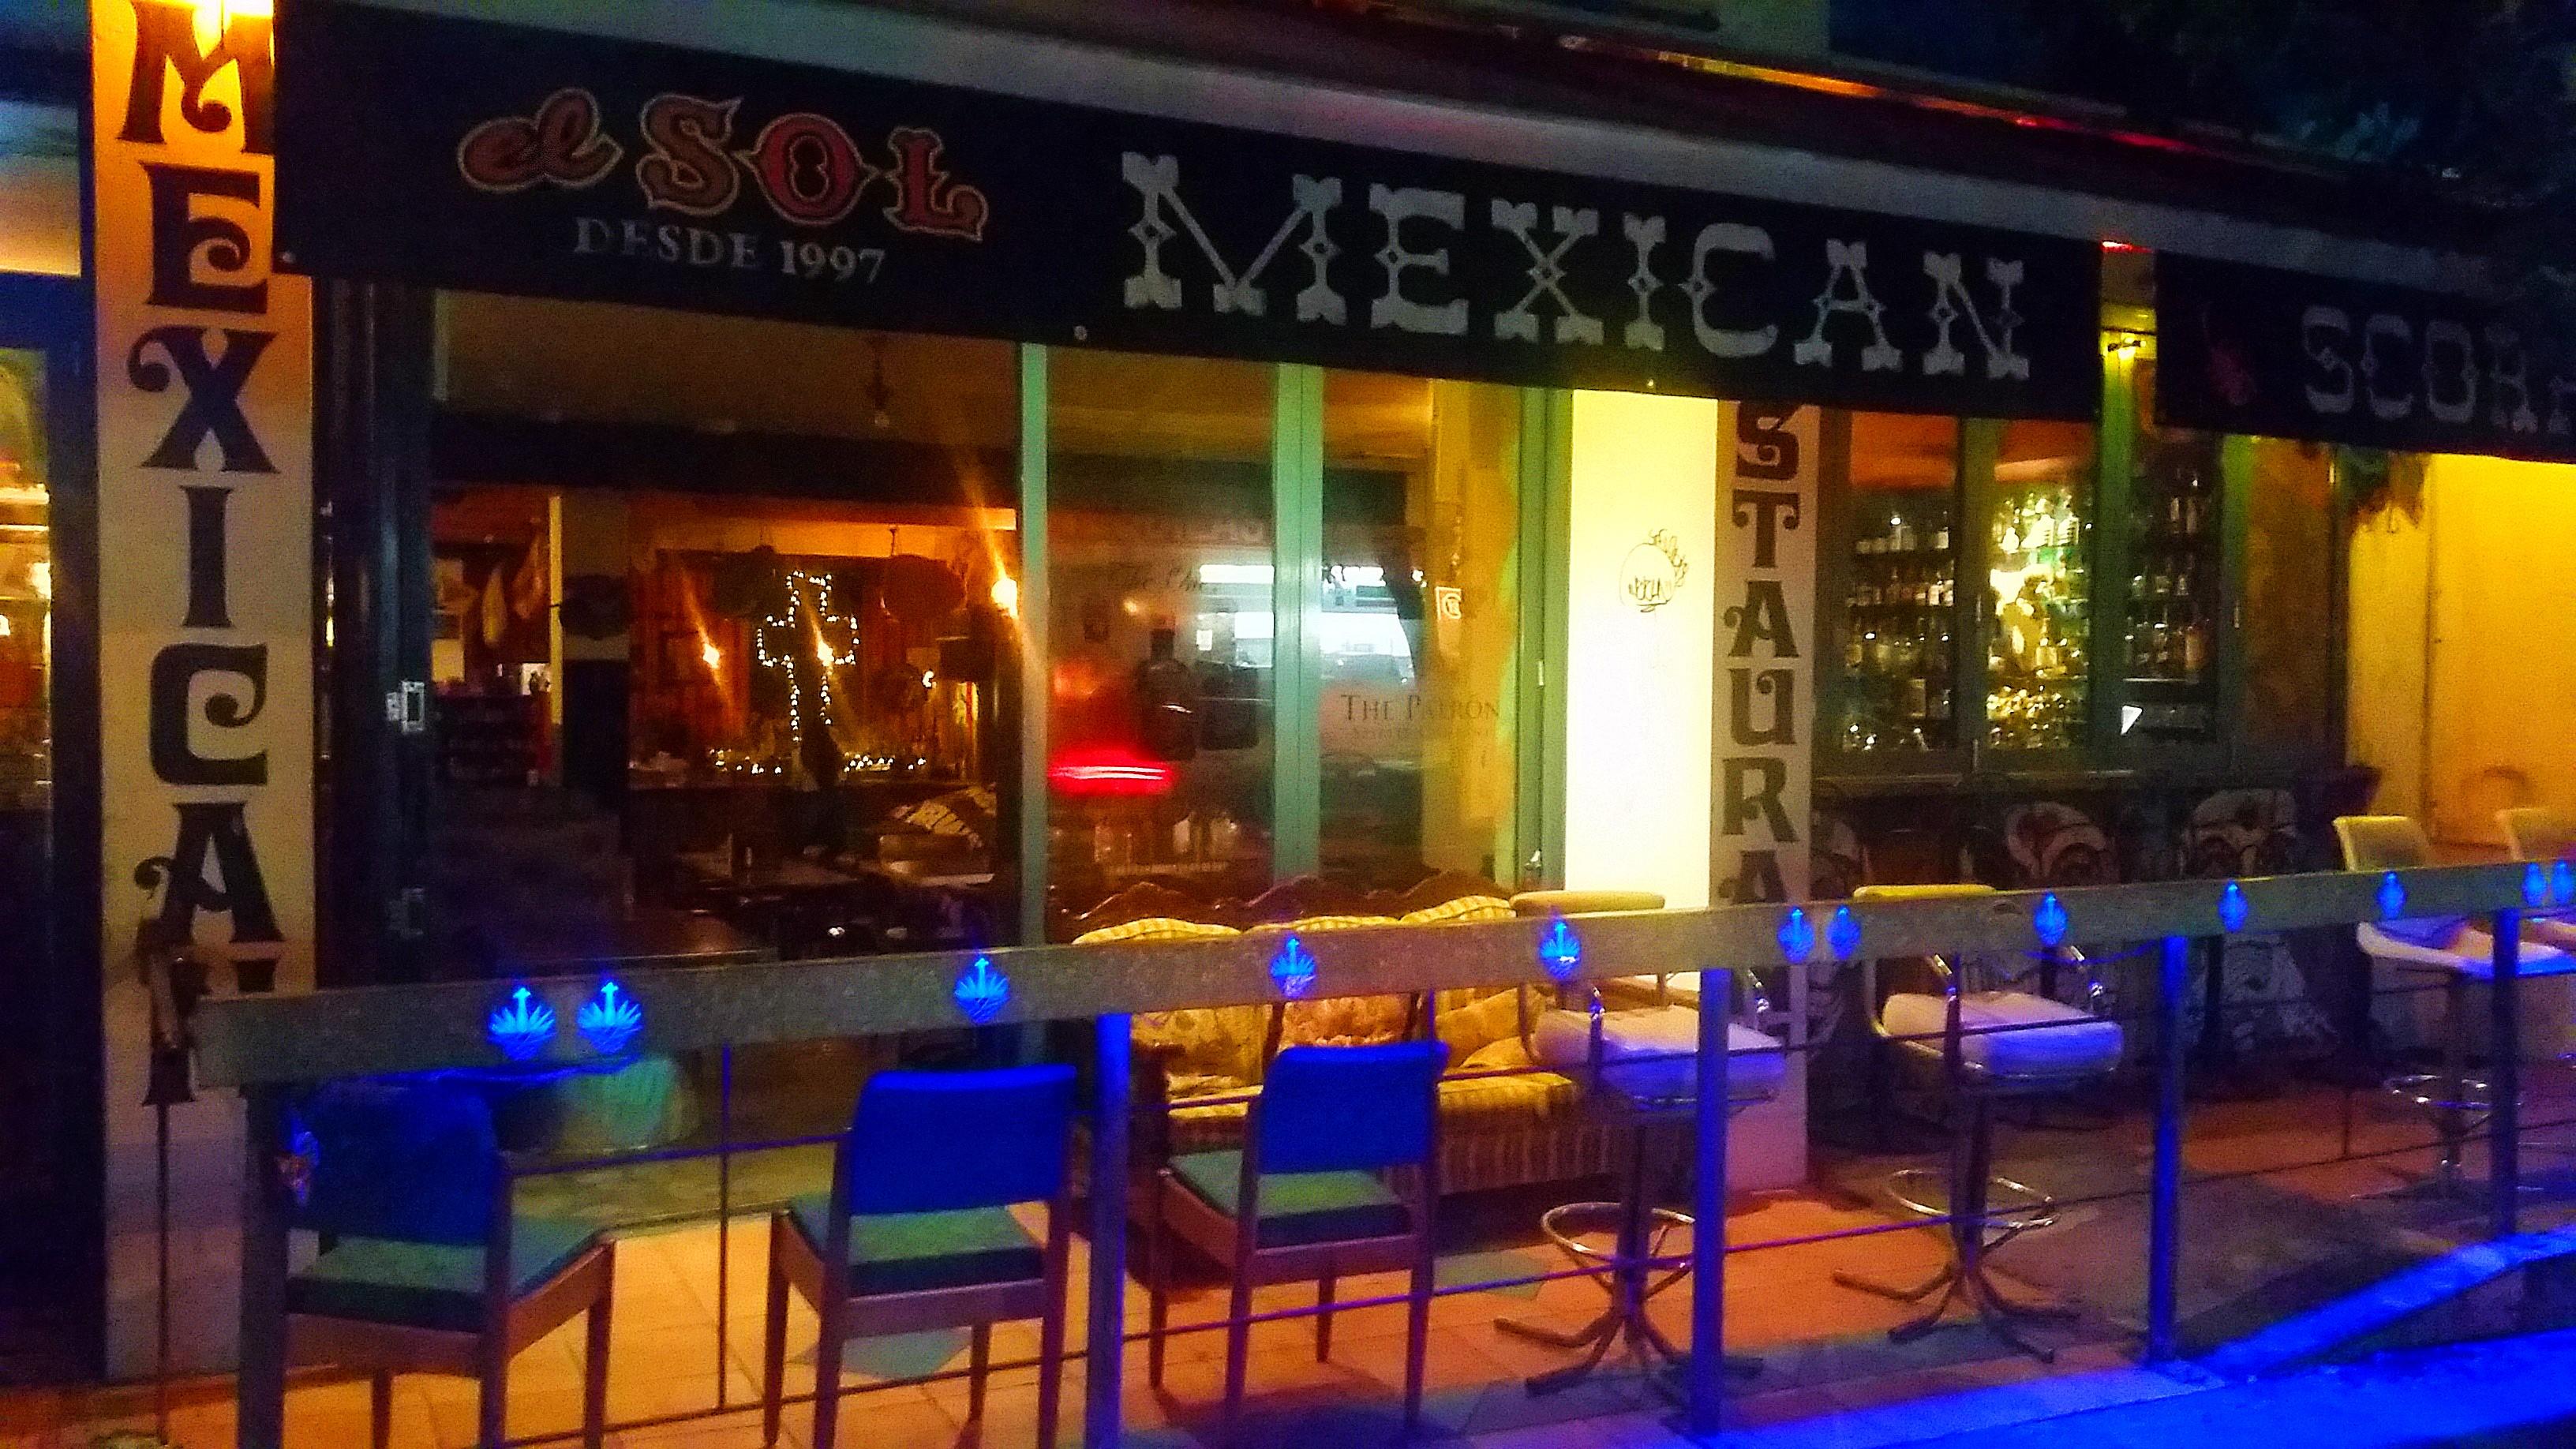 El Sol Mexican Restaurant Bar Music Venue Restaurant Info And Reservations